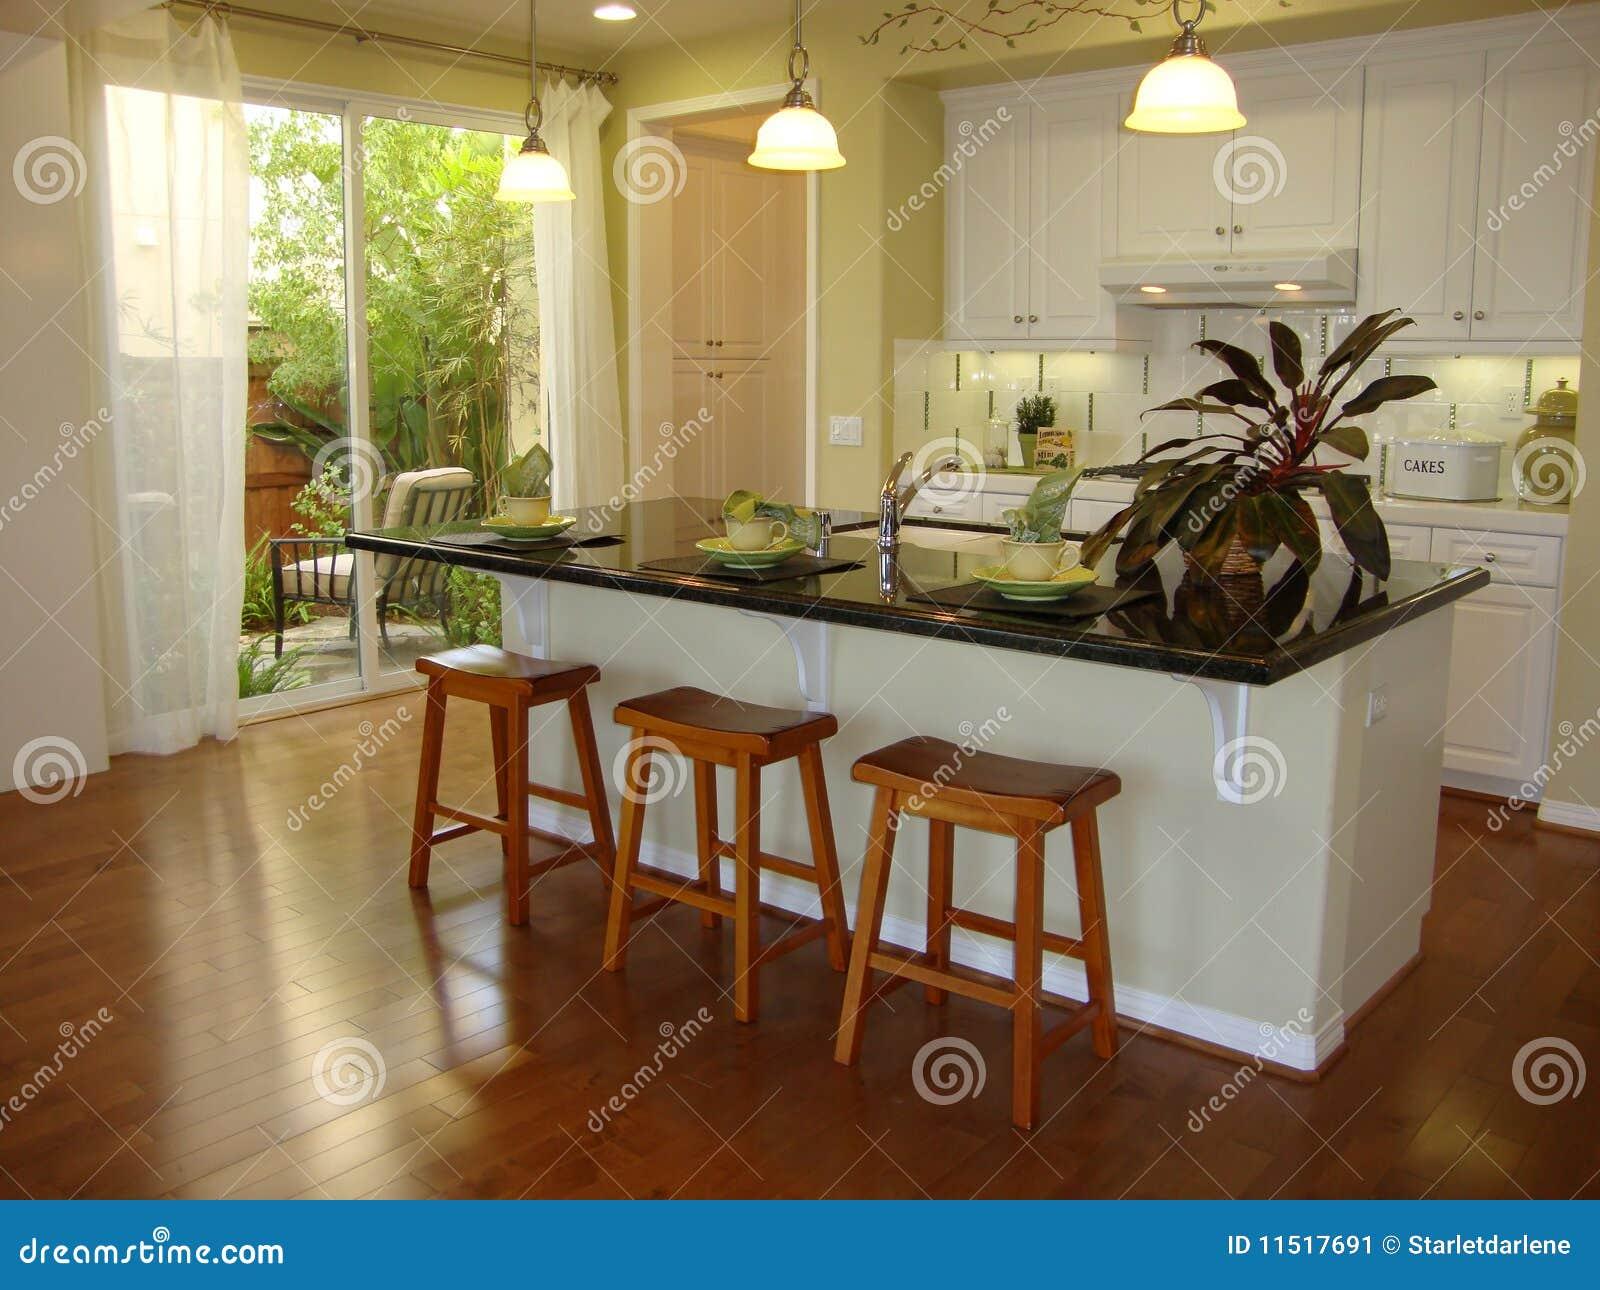 Keuken Met Houten Vloeren Stock Afbeelding - Afbeelding: 11517691